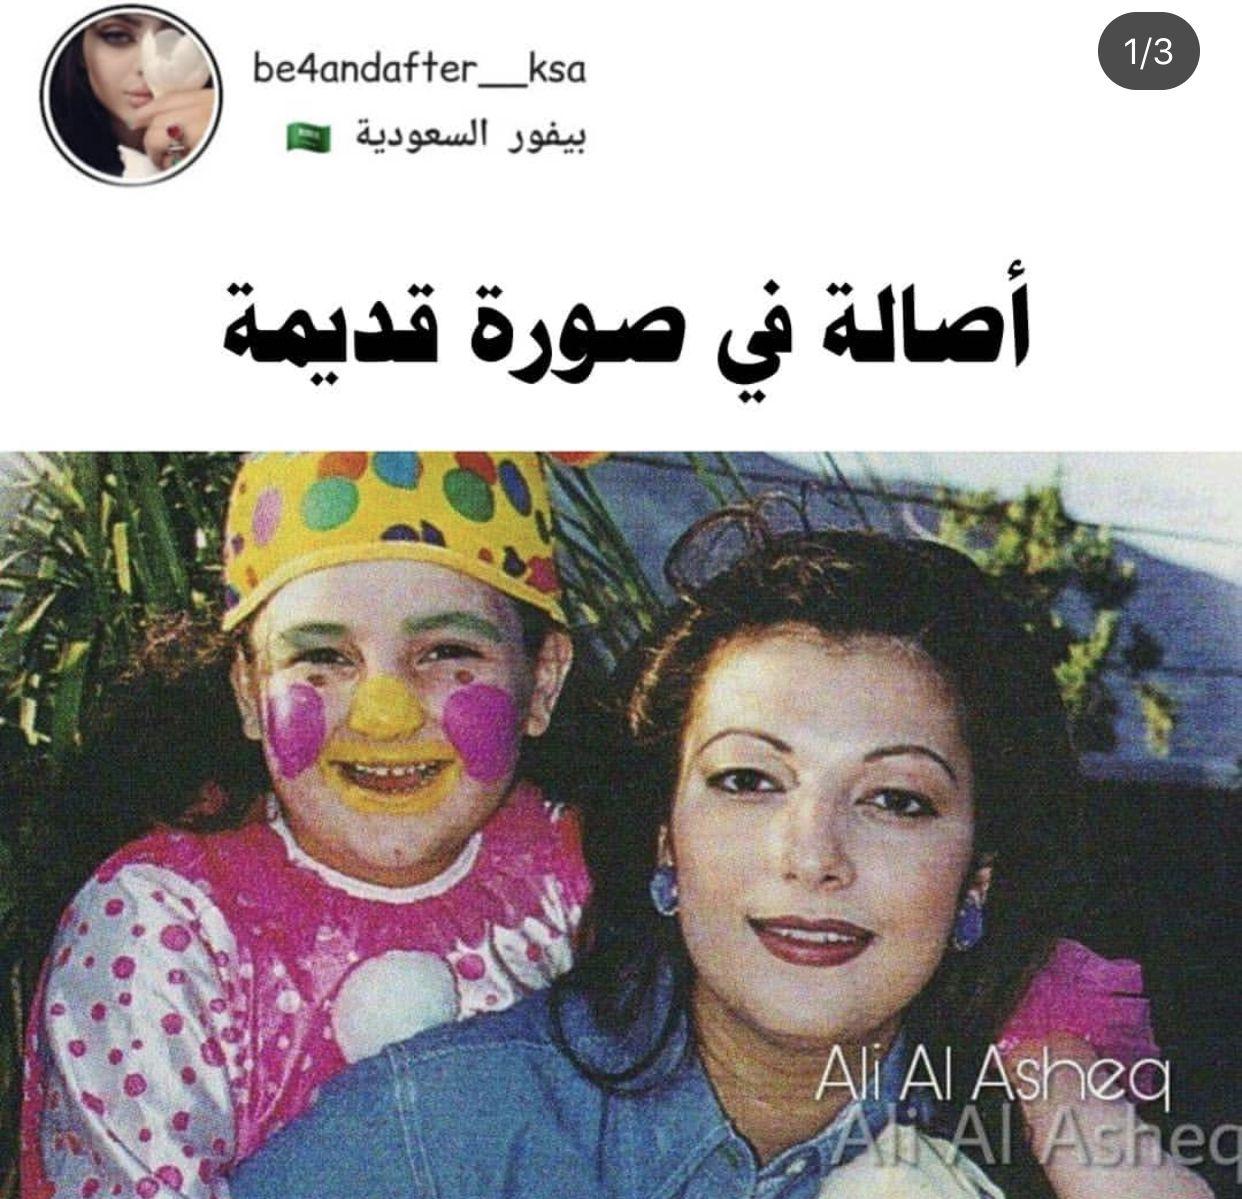 57FD0D45 0871 4FE5 AB1C 7E2108D523B7 - أصالة نصري مع ابنتها قبل طلاقها الأول وهل تحن؟